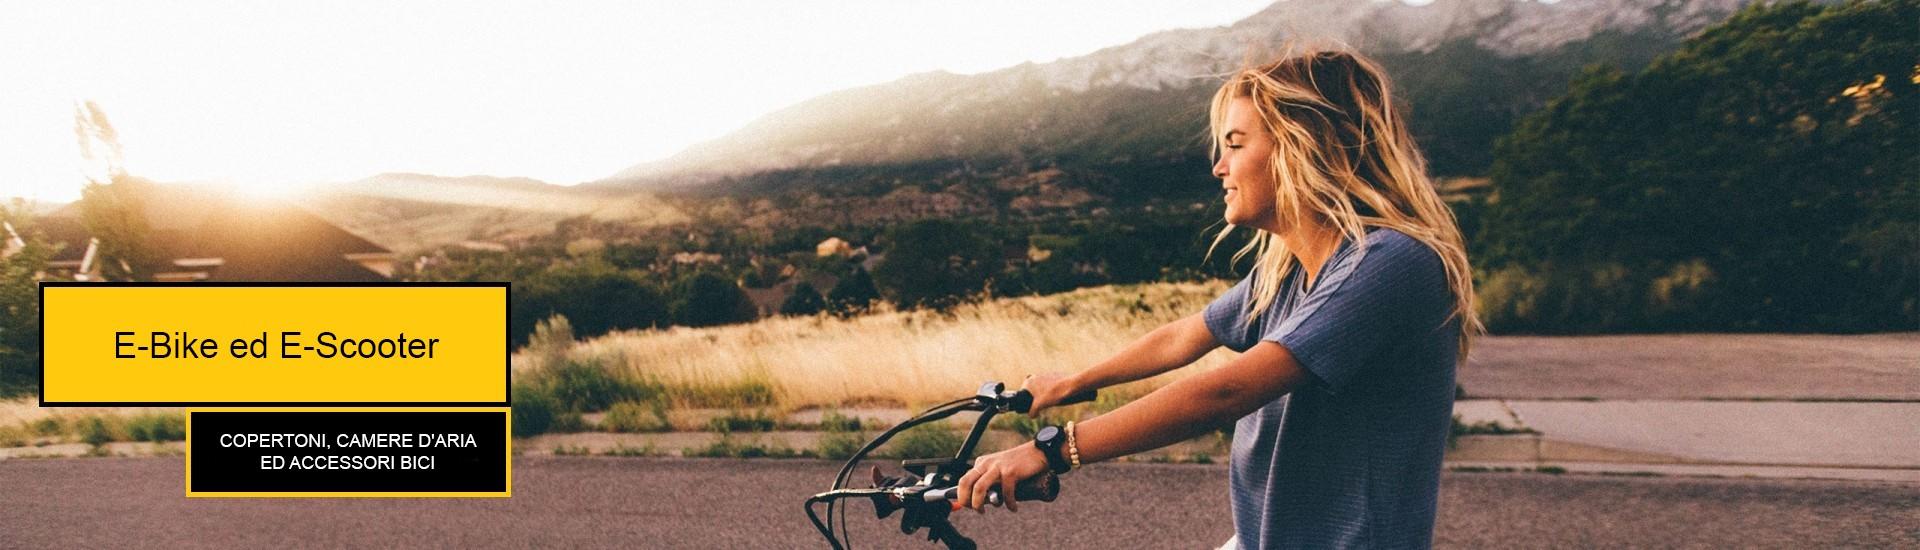 banner bici donna